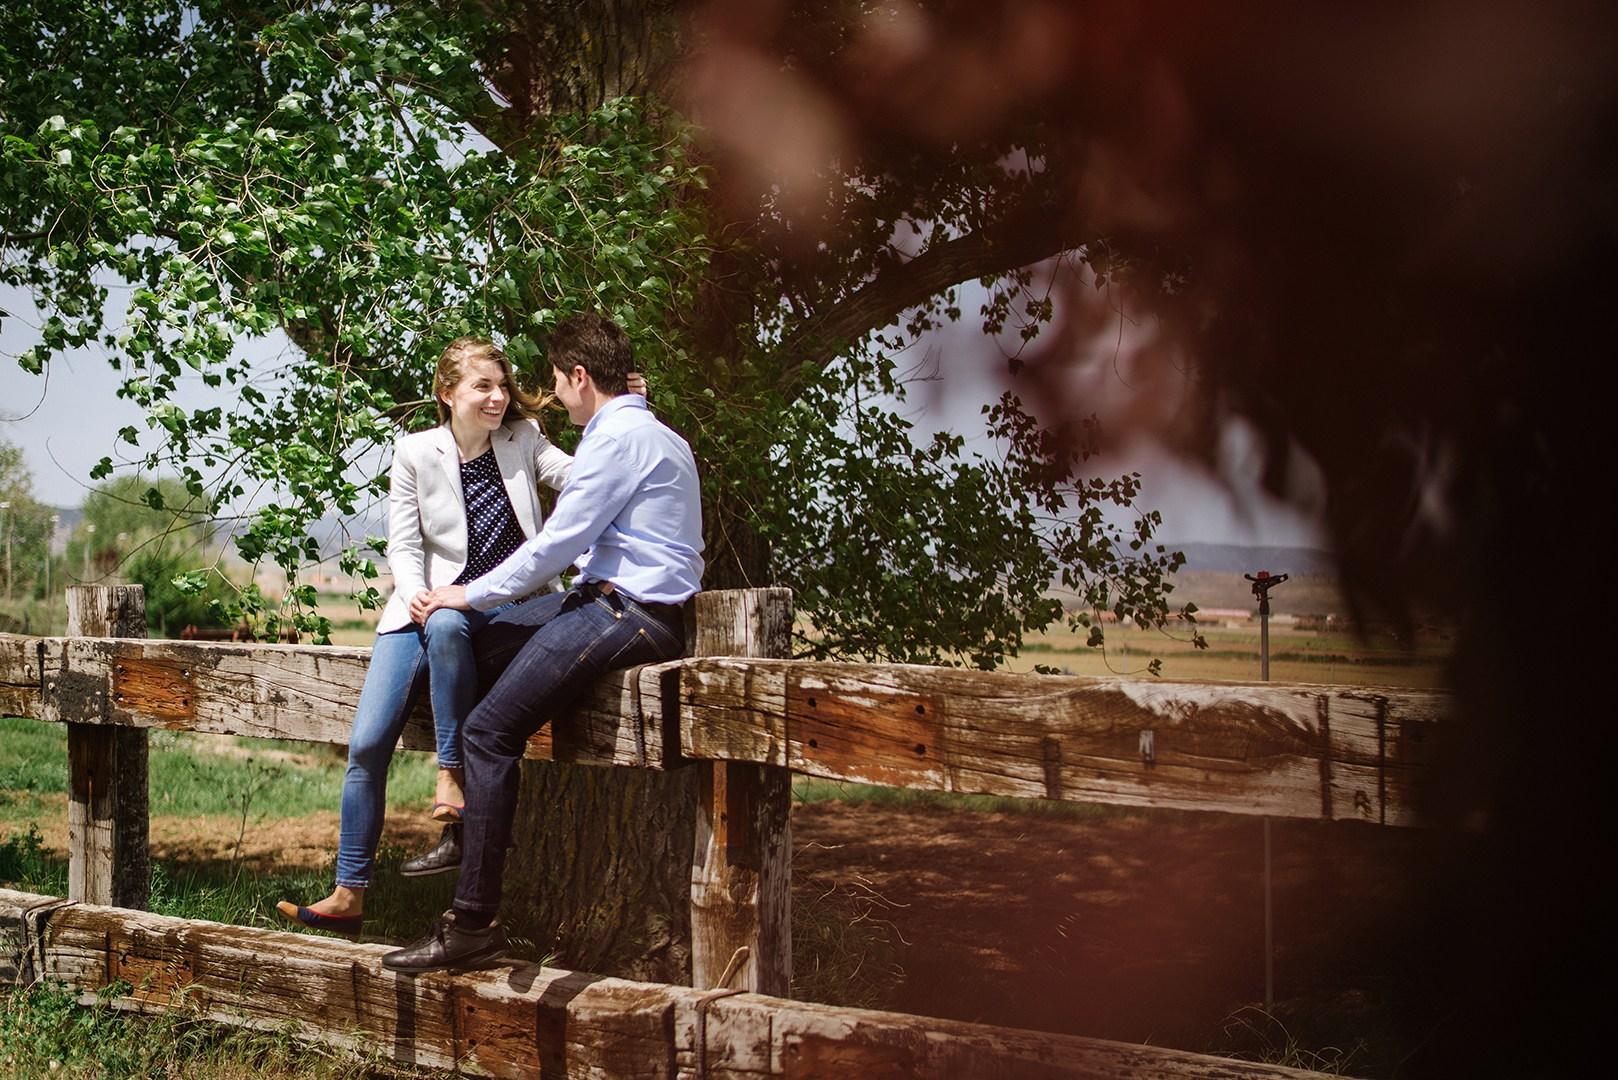 fotografo-bodas-zaragoza-preboda-sierra-de-albarracin-007